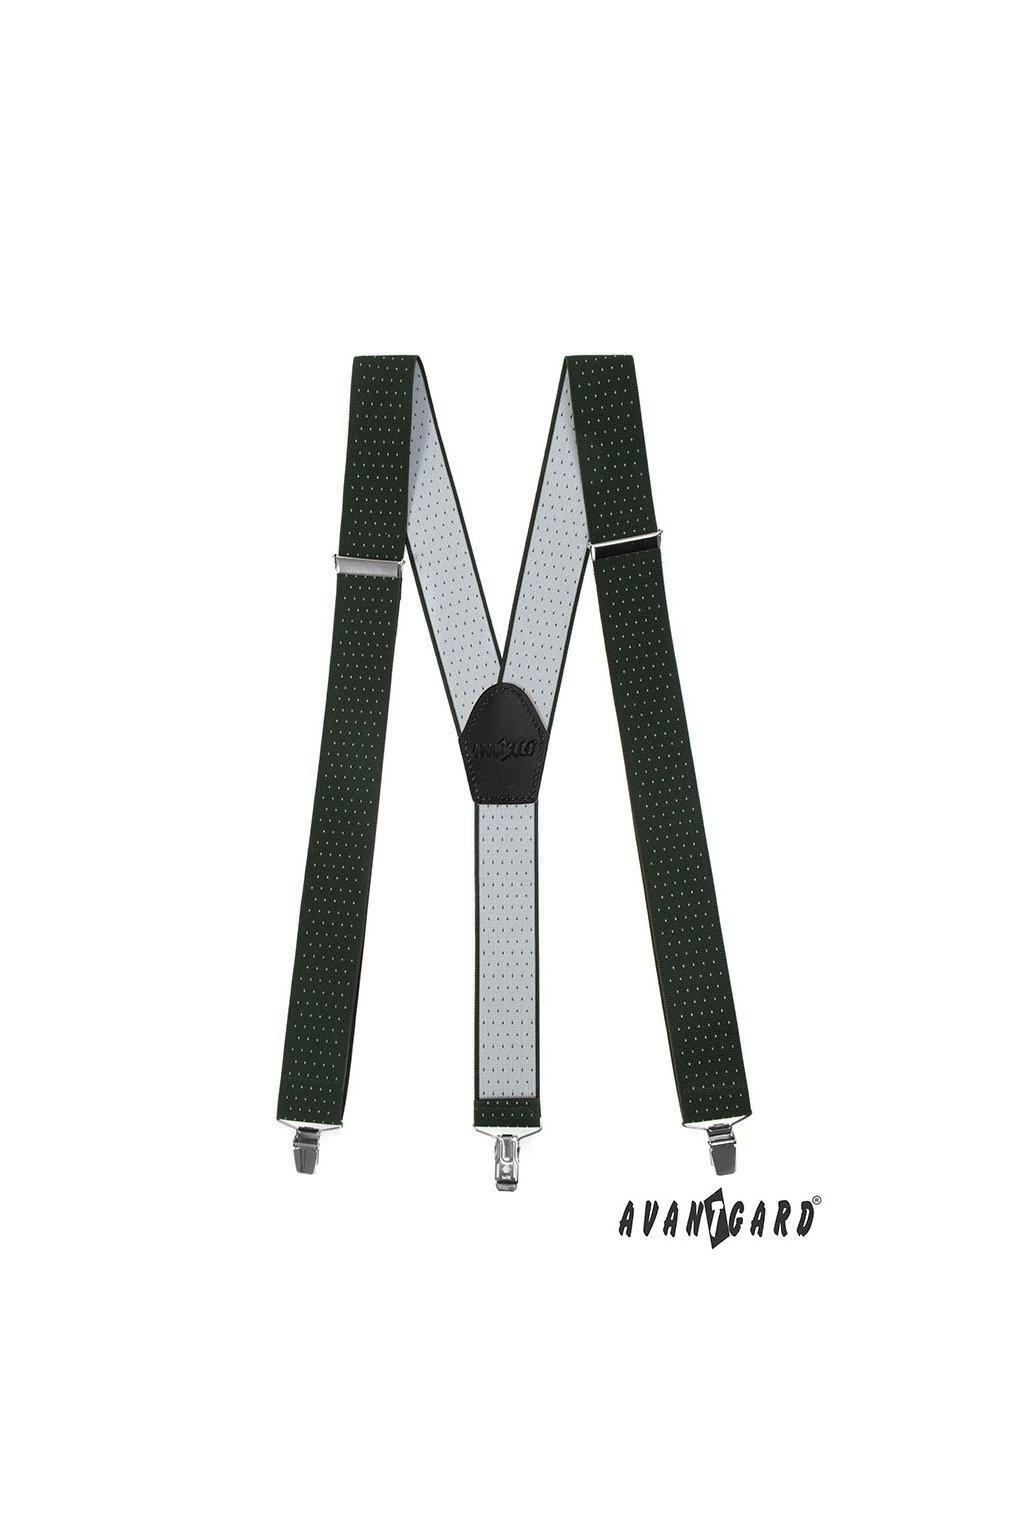 Šle Y s koženým středem a zapínáním na klipy - 35 mm, 856-460123, Zelená s bílým puntíkem